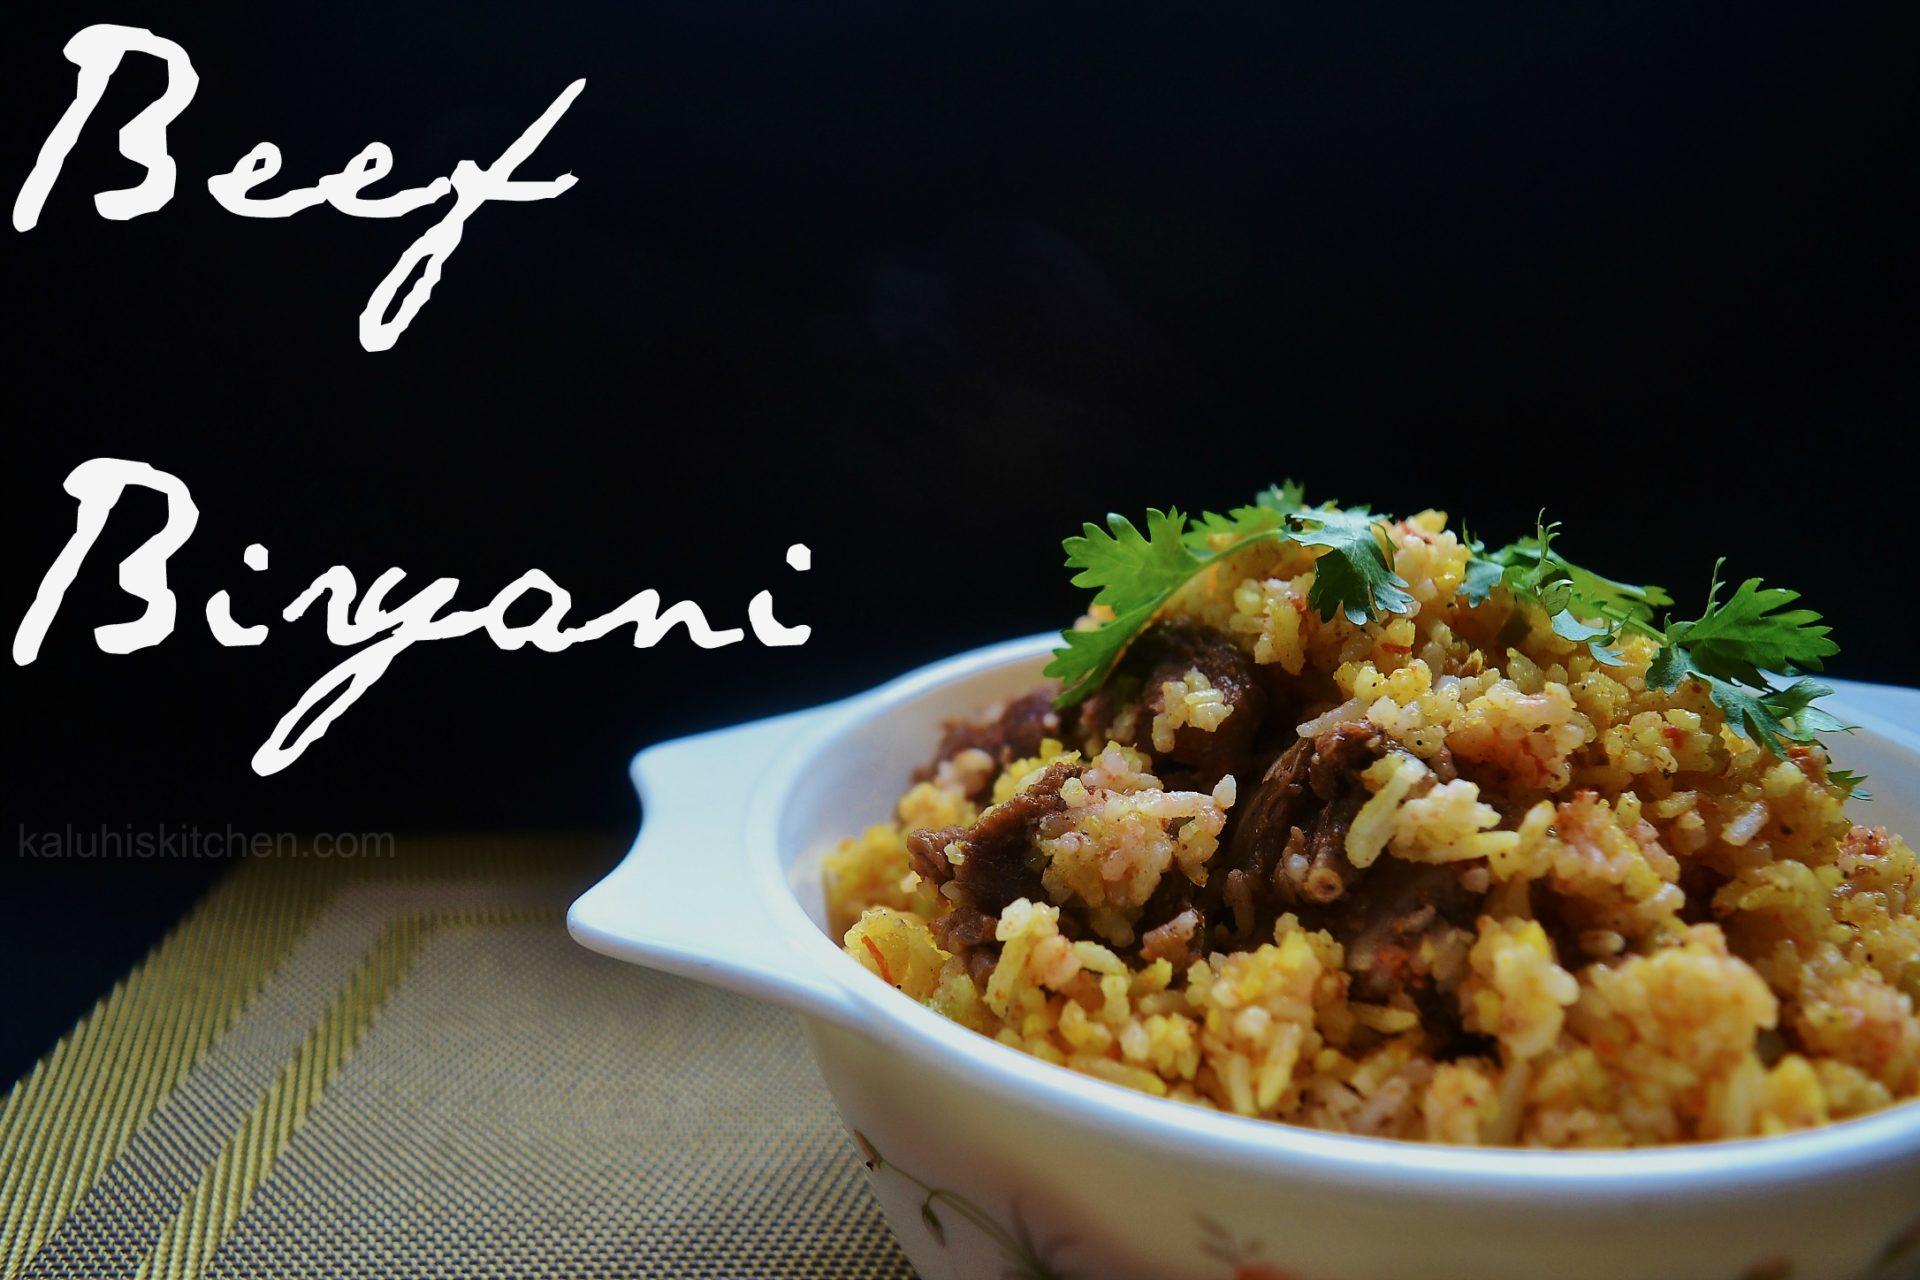 Kenyan food_Kaluhiskitchen.com_best food blogs in Kenya_How to make biryani_Nairobi food bloggers